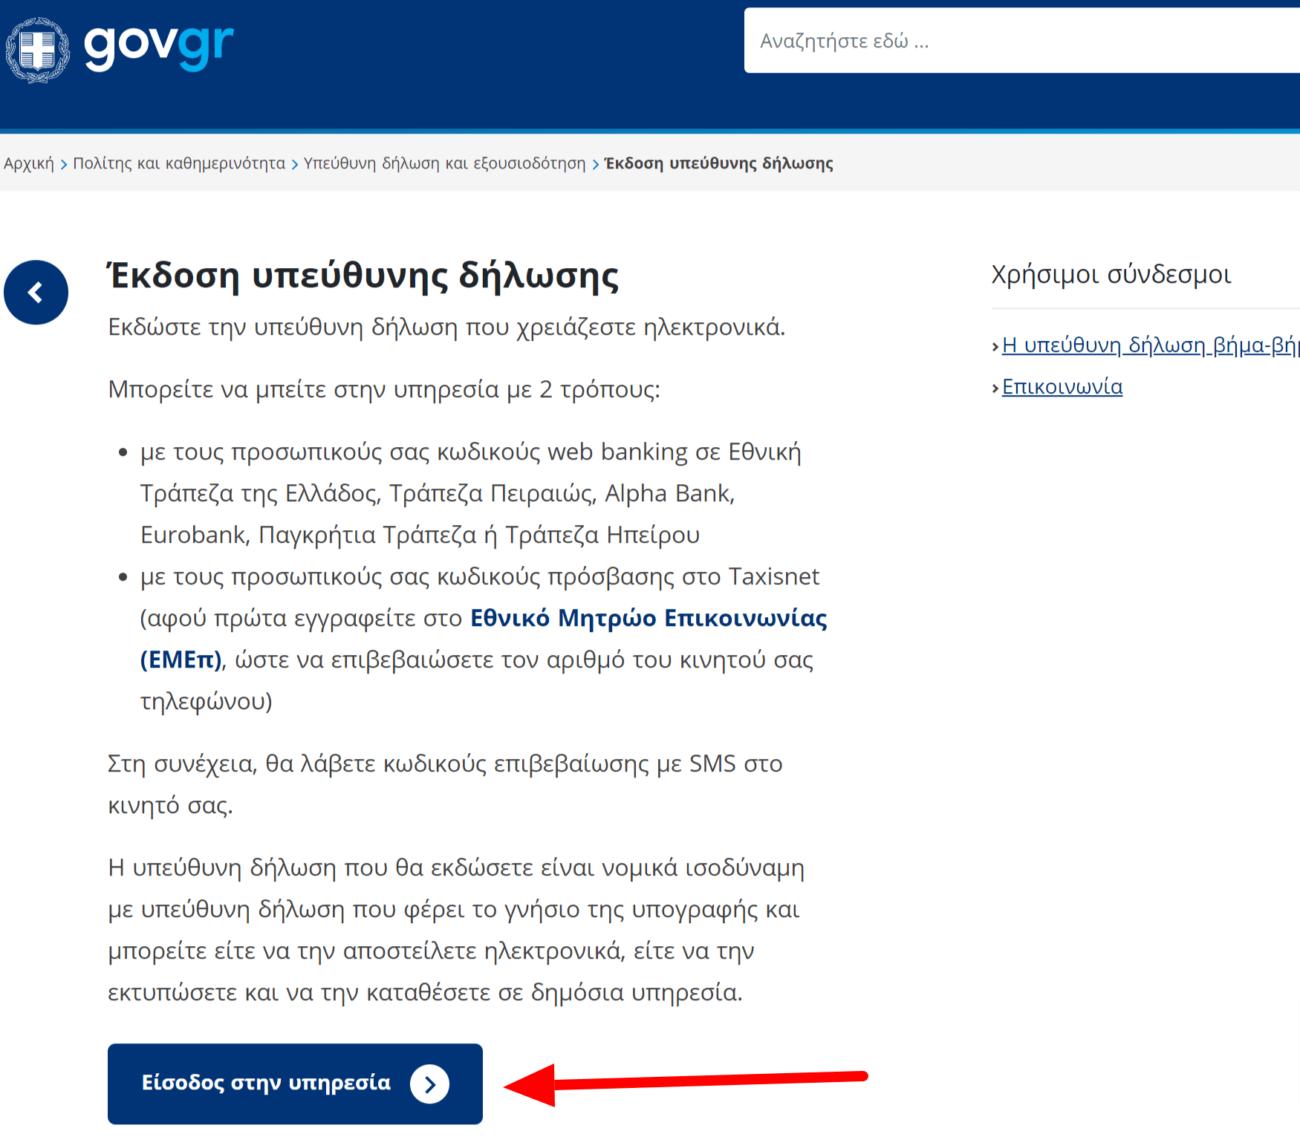 Είσοδος στην υπηρεσία gov.gr για αλλαγή ιδιοκτήτη ονόματος